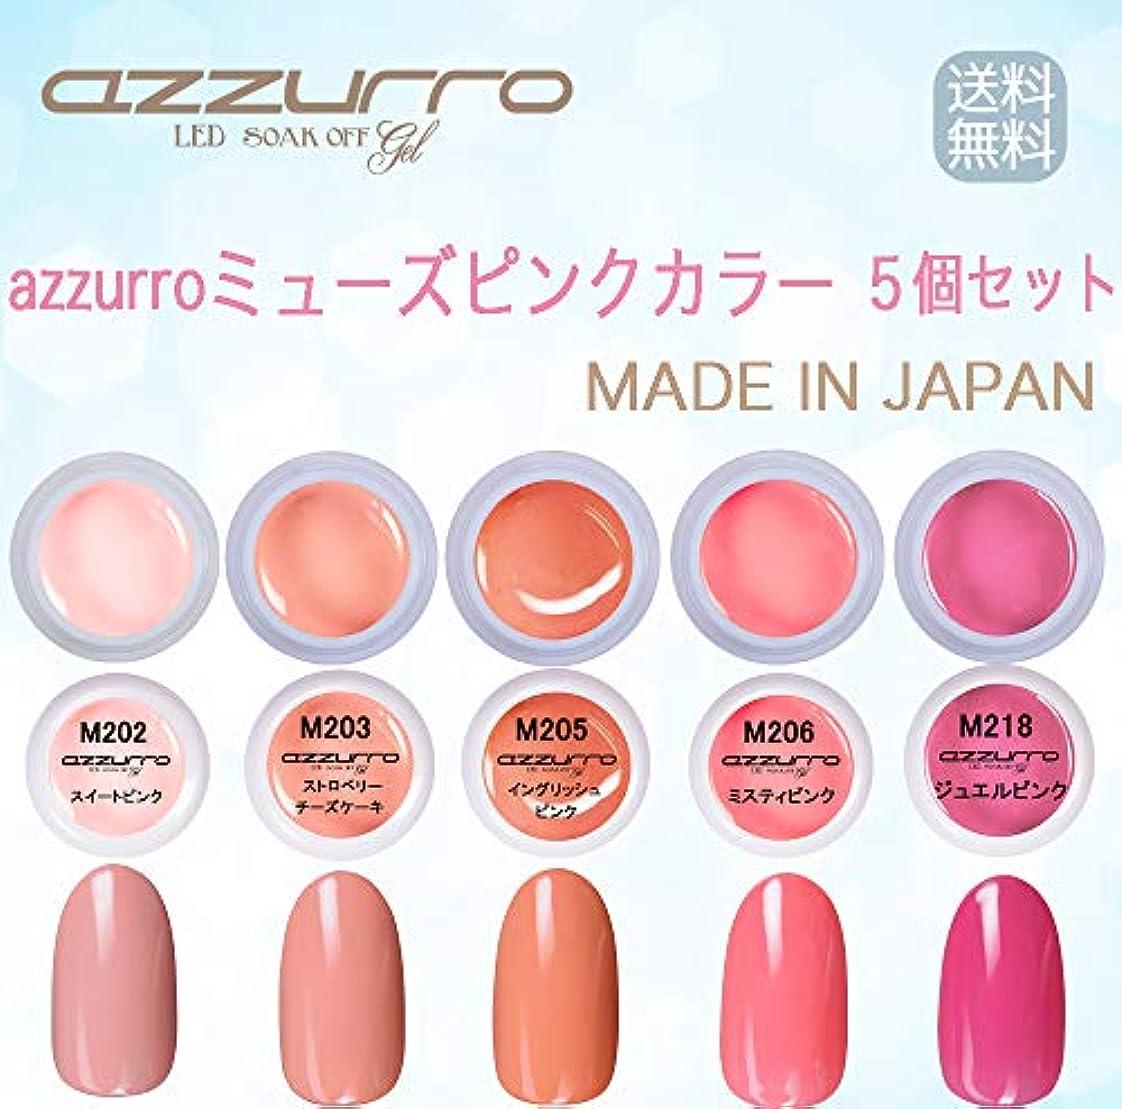 理解シャッター酸化物【送料無料】日本製 azzurro gel ミューズピンクカラージェル5個セット 春色にもかかせないマットコートとスモーキーパステルカラー